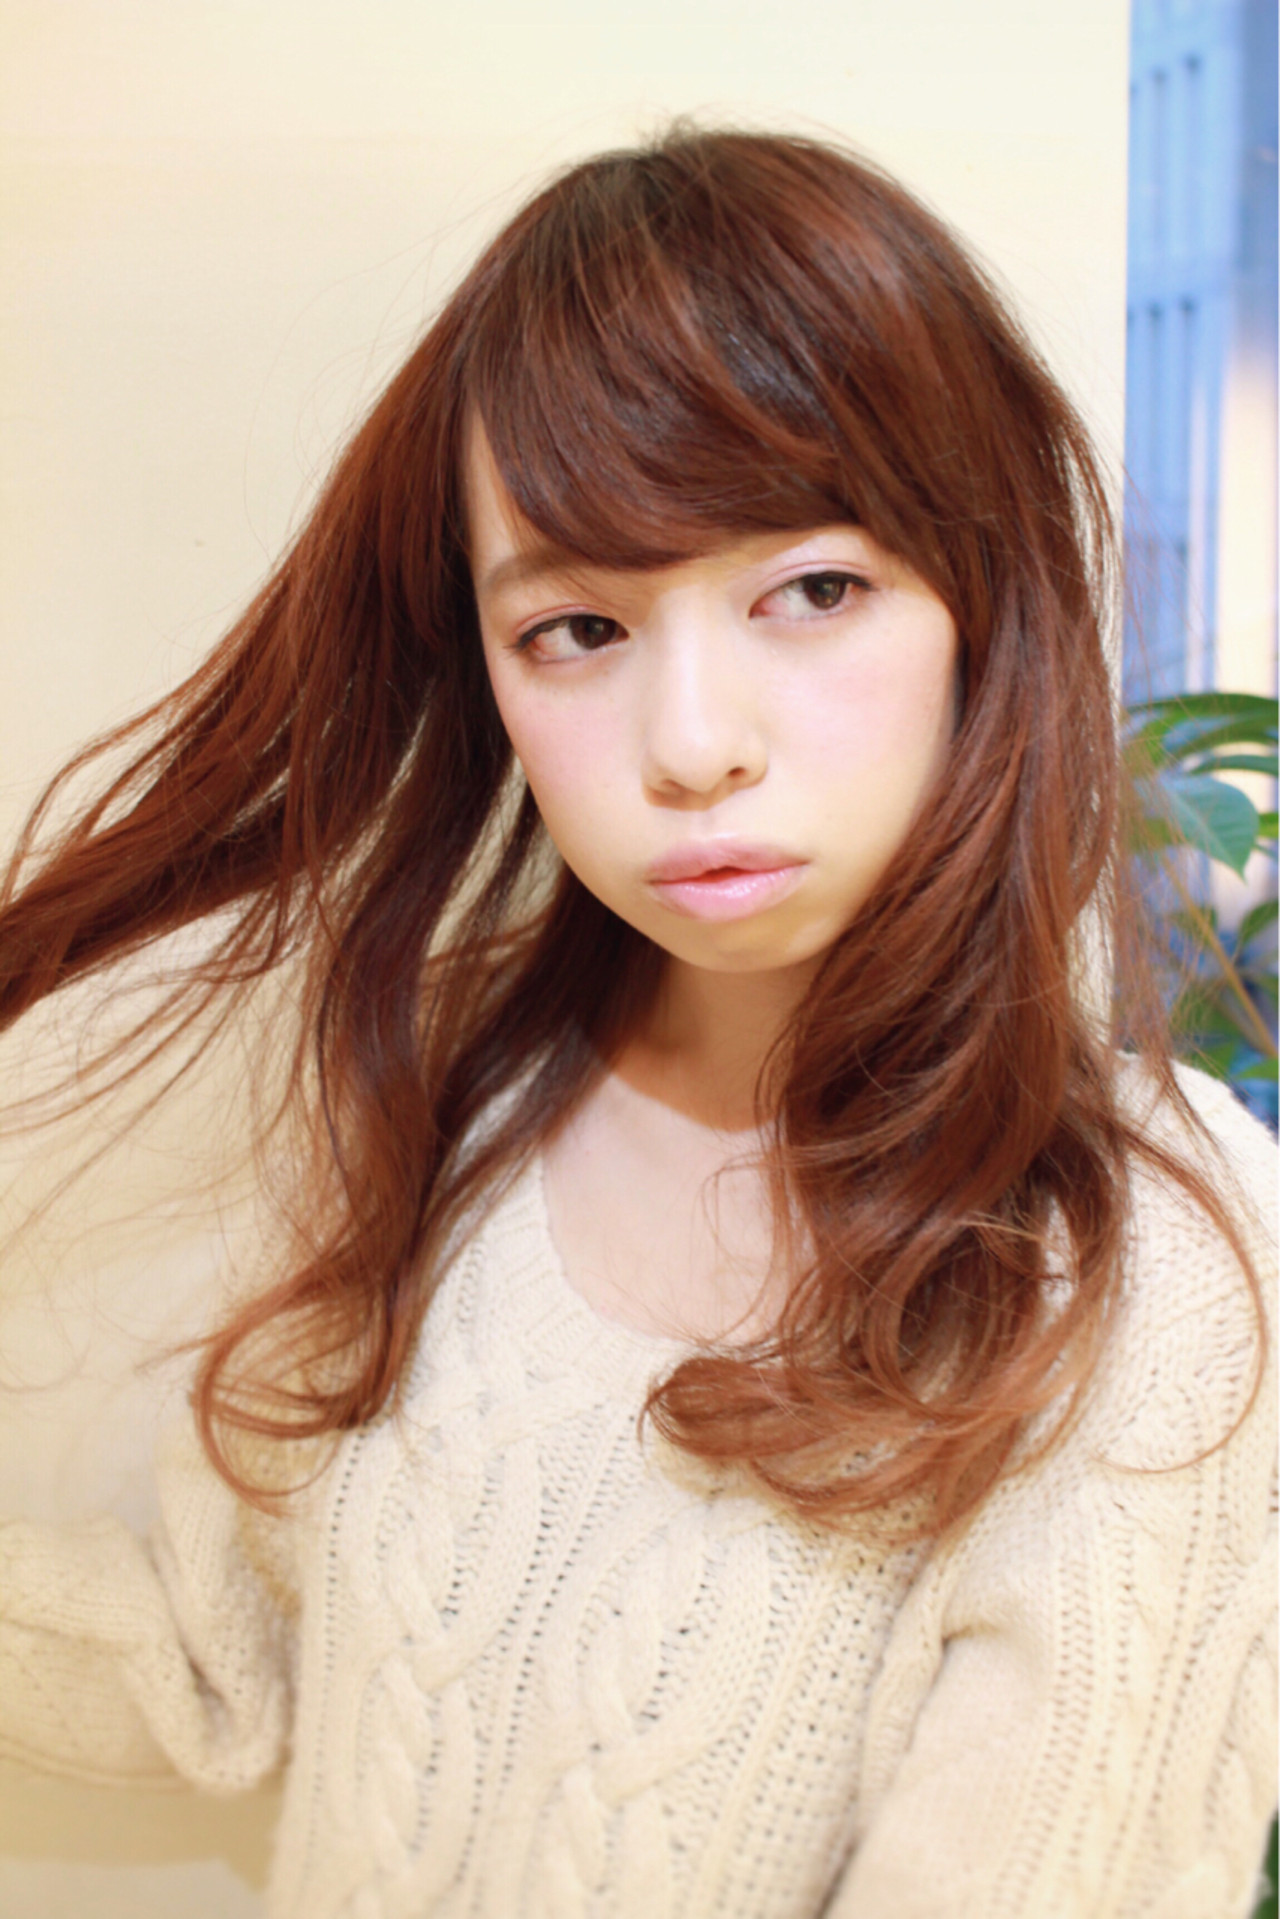 モテ髪 愛され ゆるふわ ガーリー ヘアスタイルや髪型の写真・画像 | HROKI(上遠野 裕樹) / Agnos青山